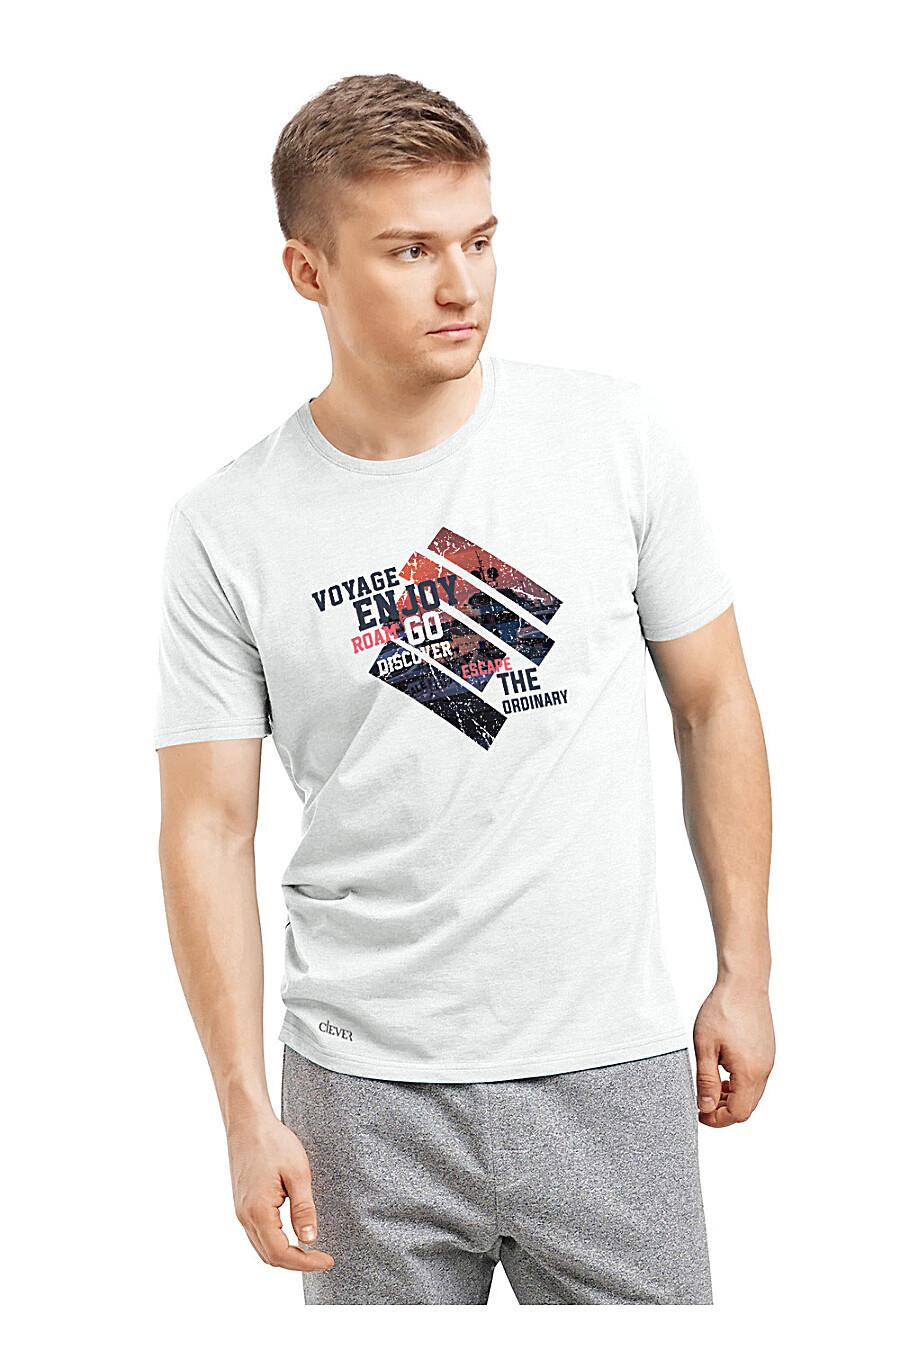 Футболка для мужчин CLEVER 169358 купить оптом от производителя. Совместная покупка мужской одежды в OptMoyo